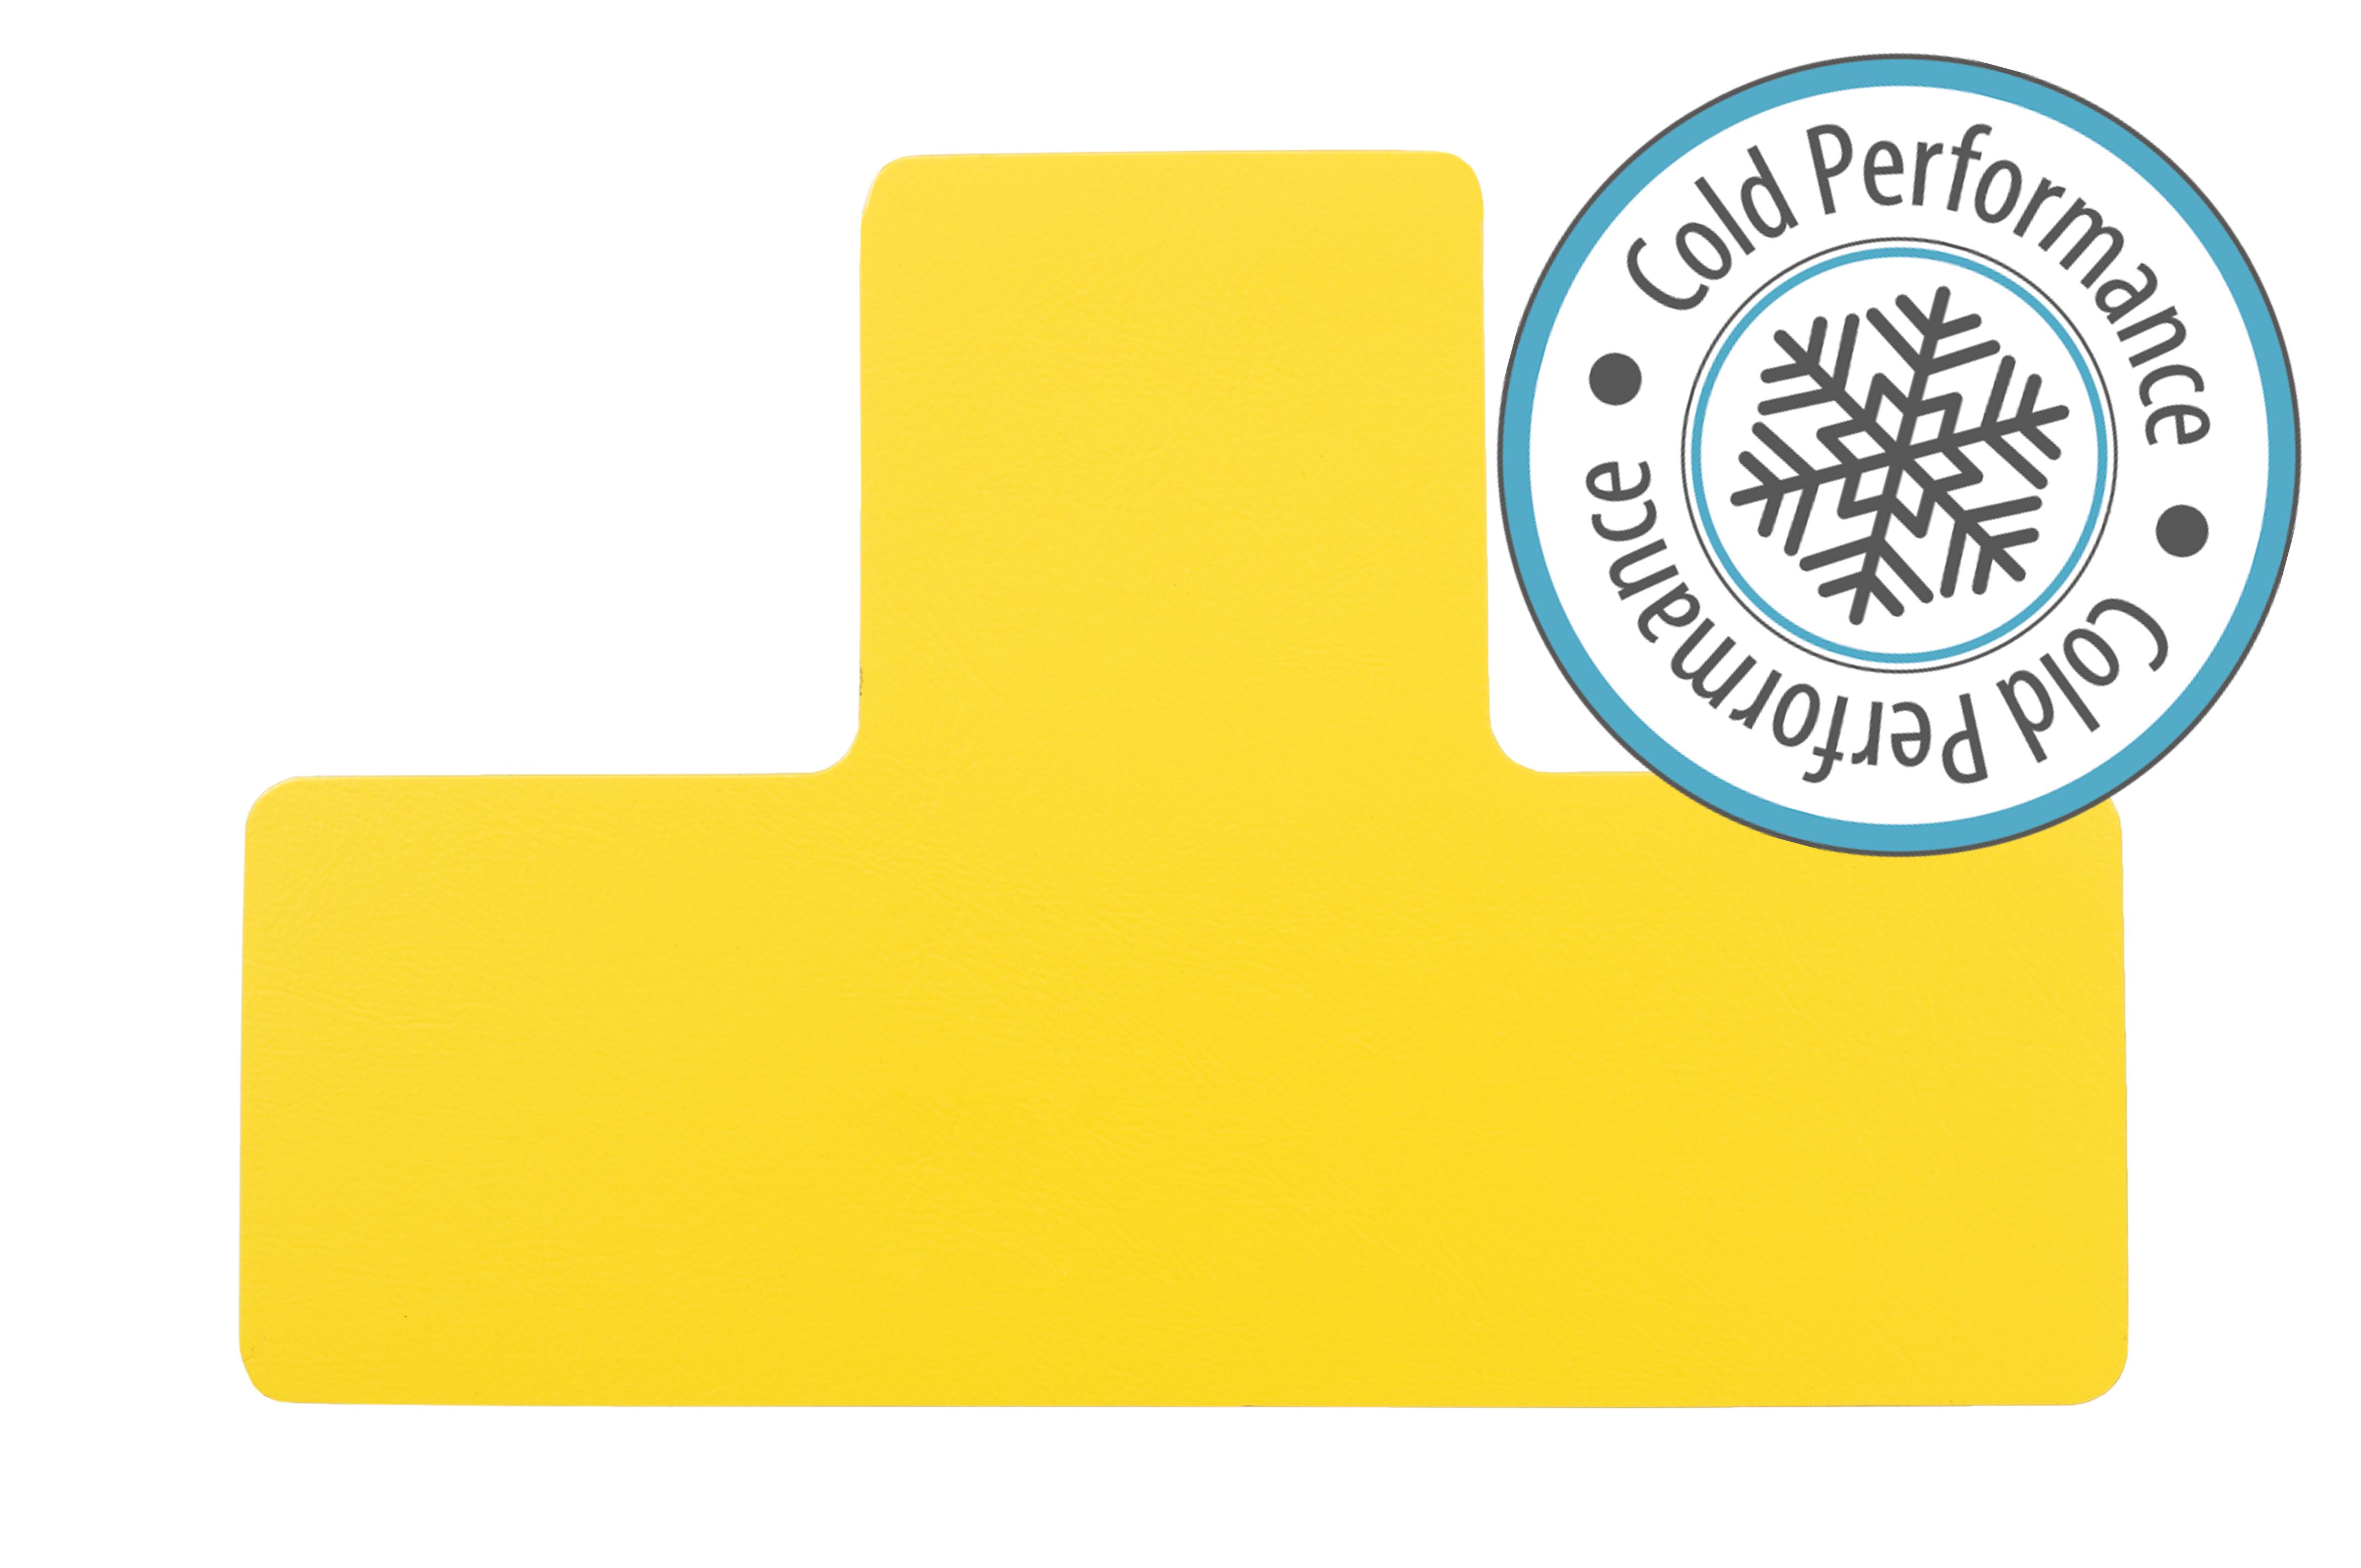 Bodenkennzeichnungssymbol T Cold Performance